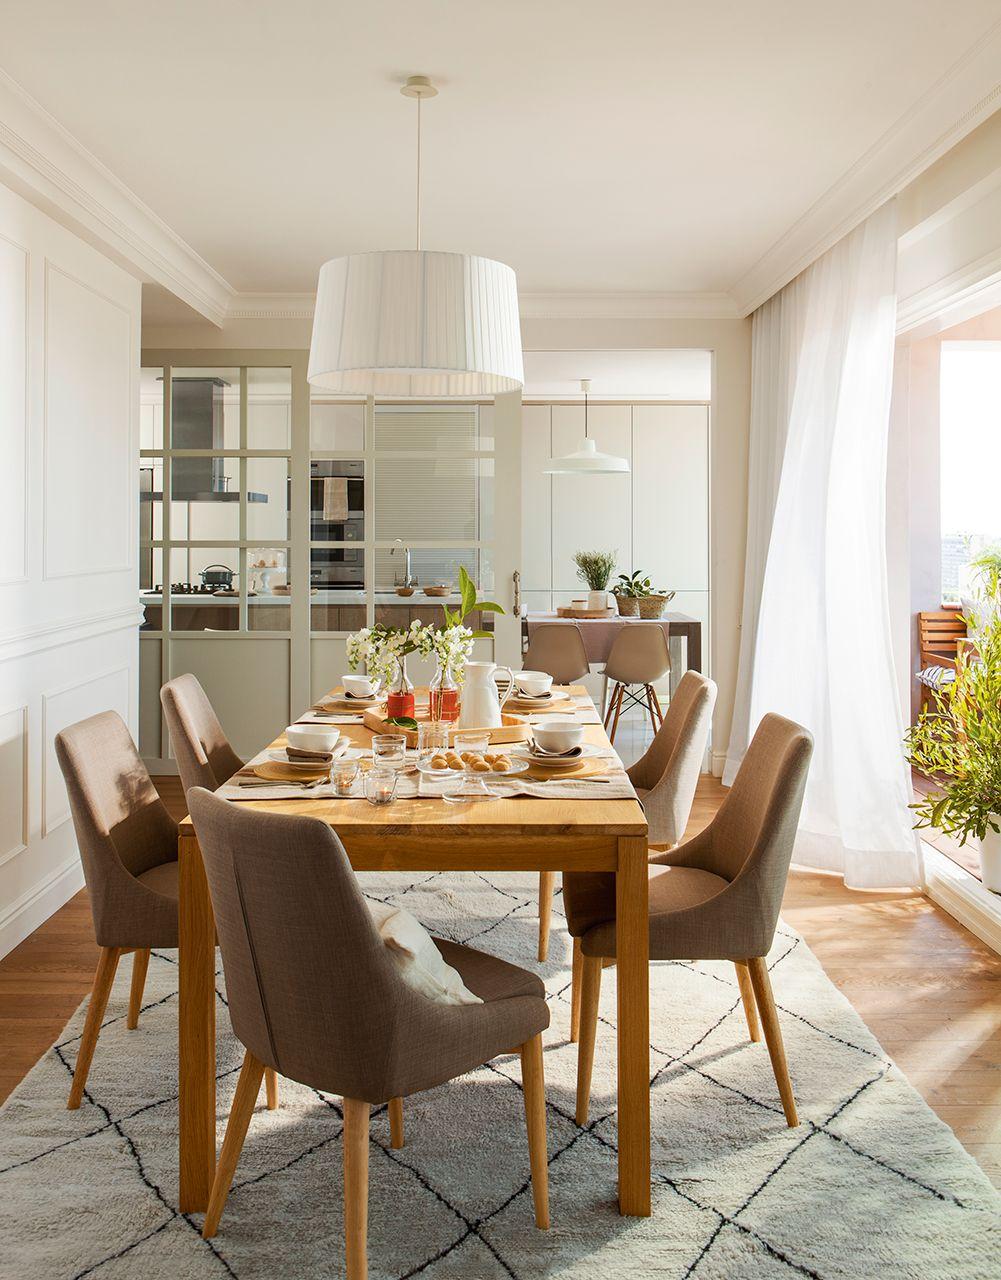 Comedor separado de la cocina por pared y puerta corredera - Decoracion comedor ...